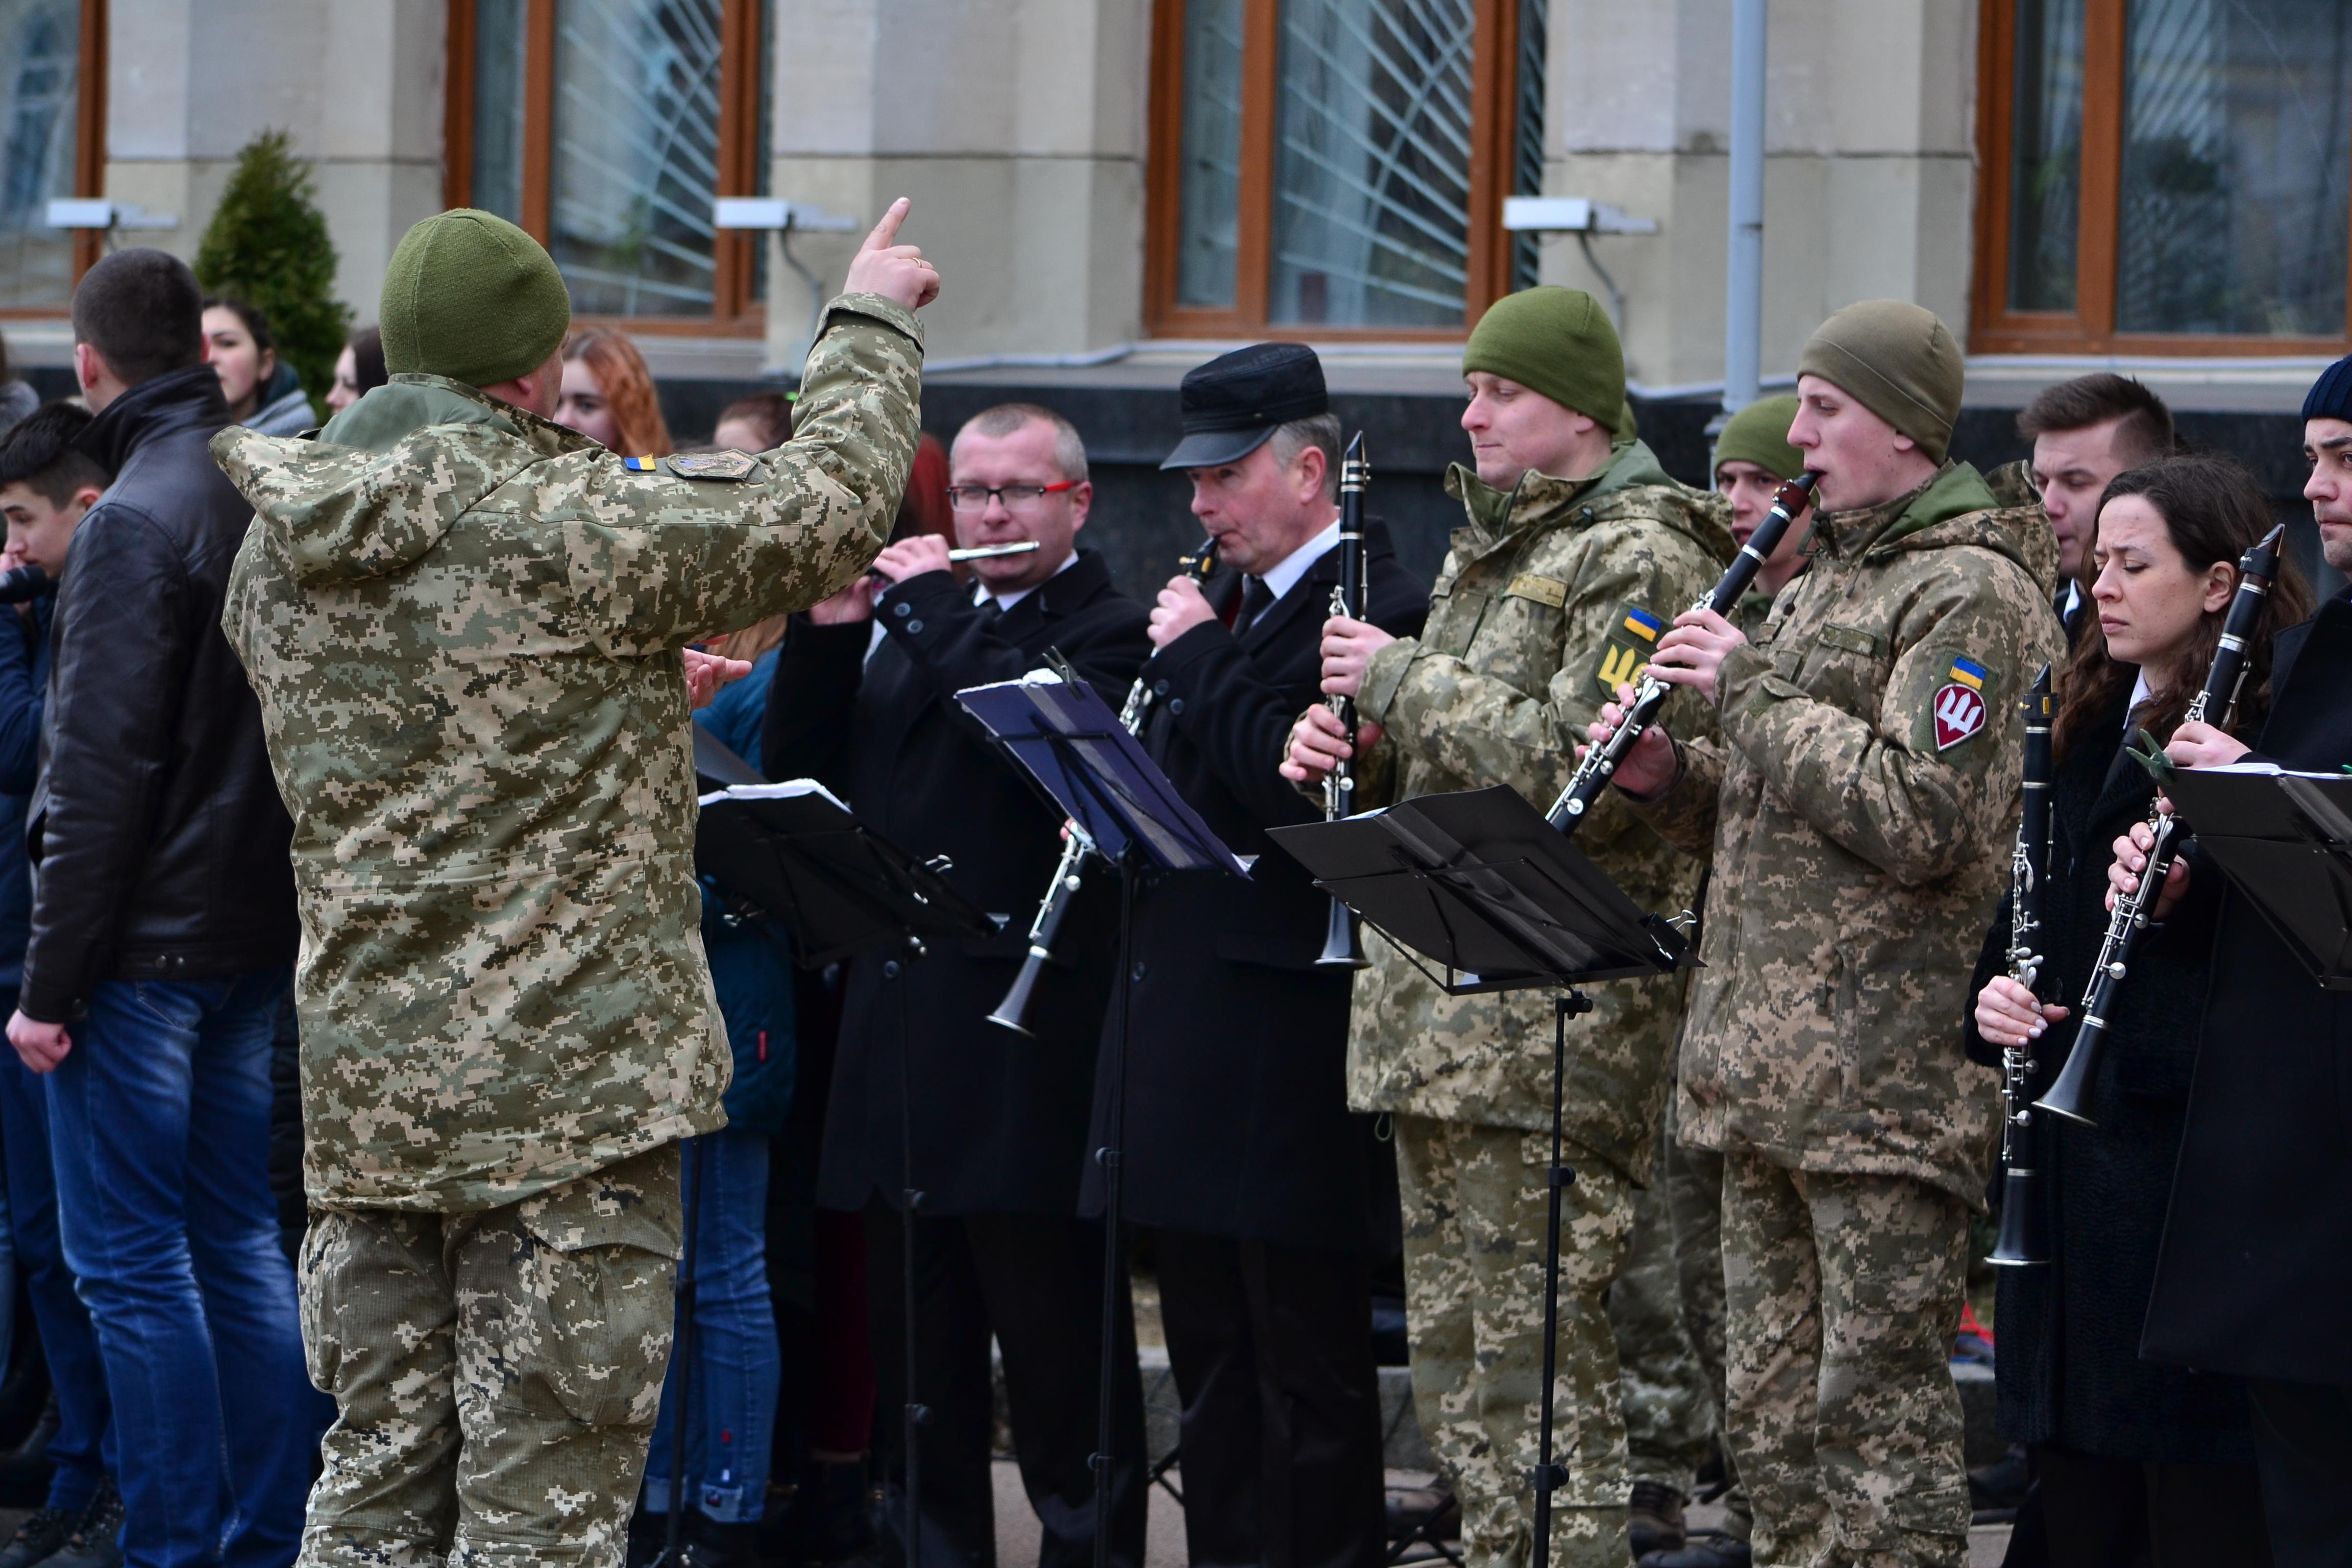 DSC 0853 1 - Ці воїни наповнюють наші серця: в Житомирі відзначили День українського добровольця (ФОТО)